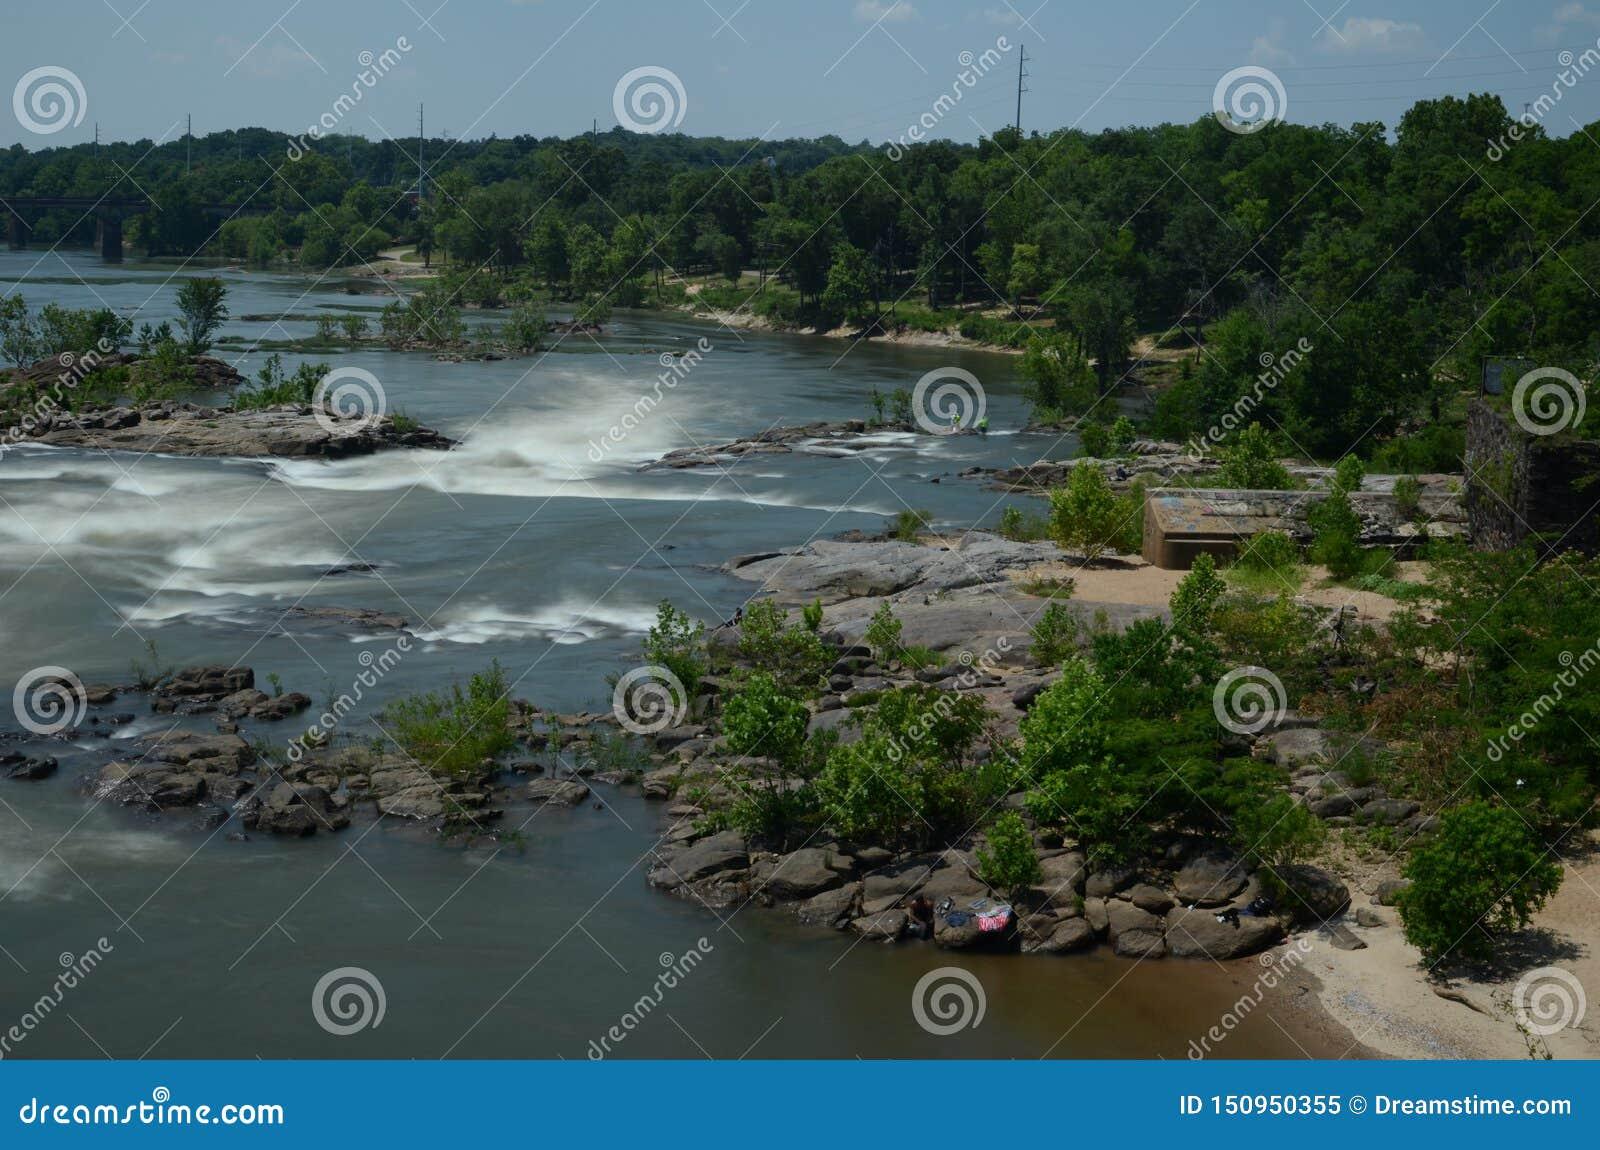 Corredeira do rio no movimento com madeiras e no verde em torno dele